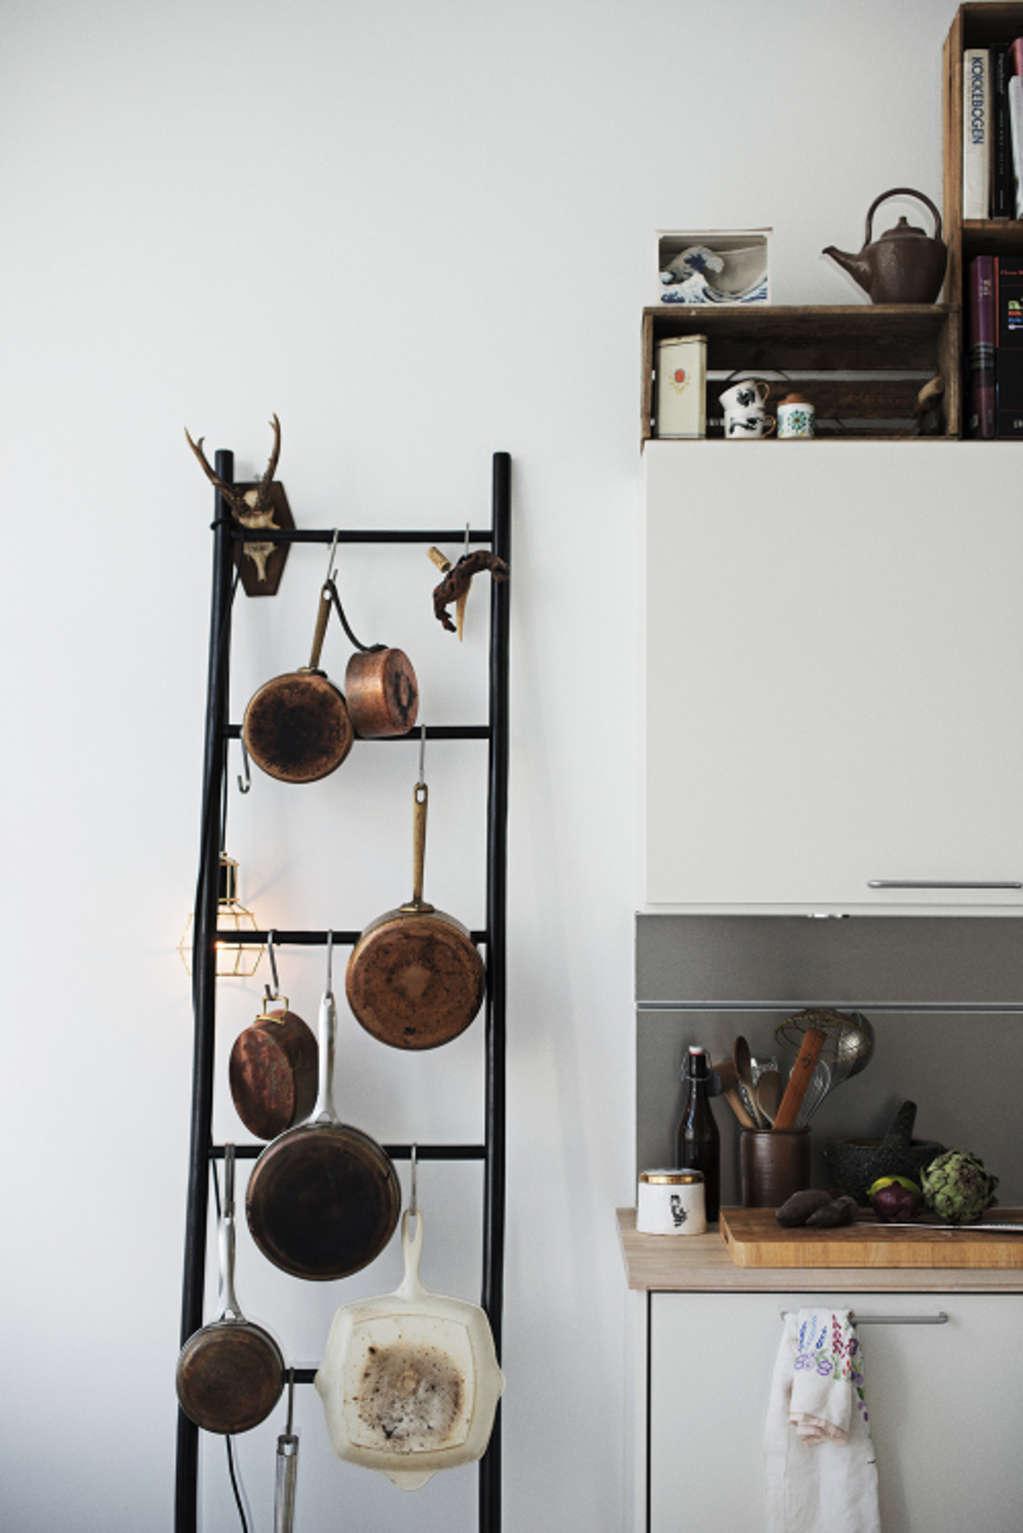 5 thang gỗ ở bếp elledecoration vn